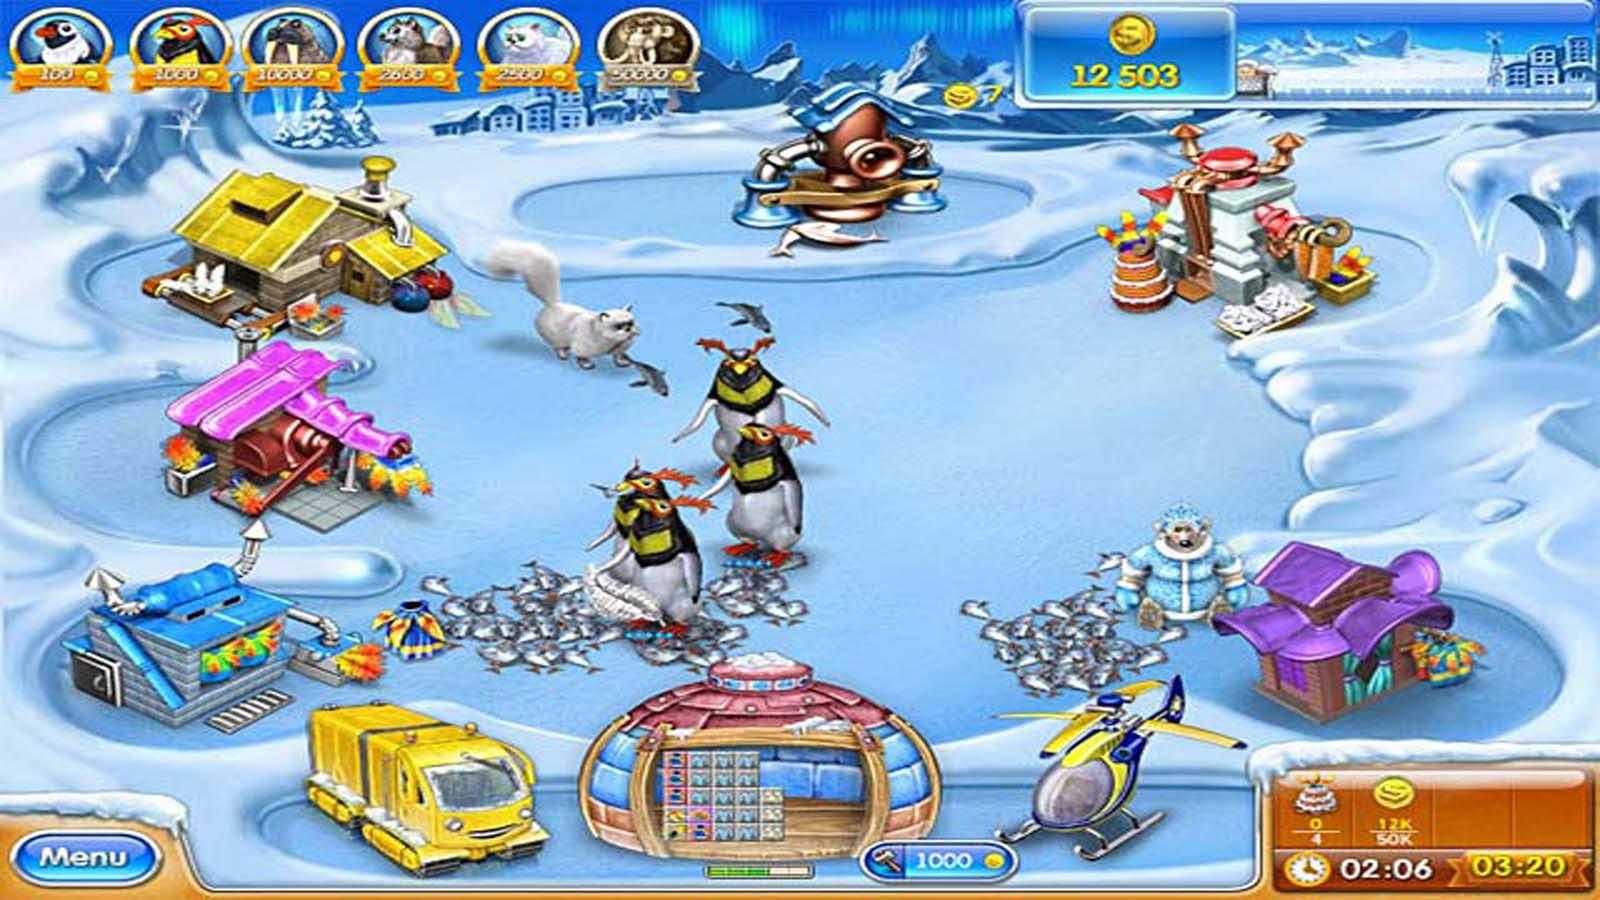 تحميل لعبة Farm Frenzy 3 Ice Age مضغوطة برابط واحد مباشر كاملة مجانا